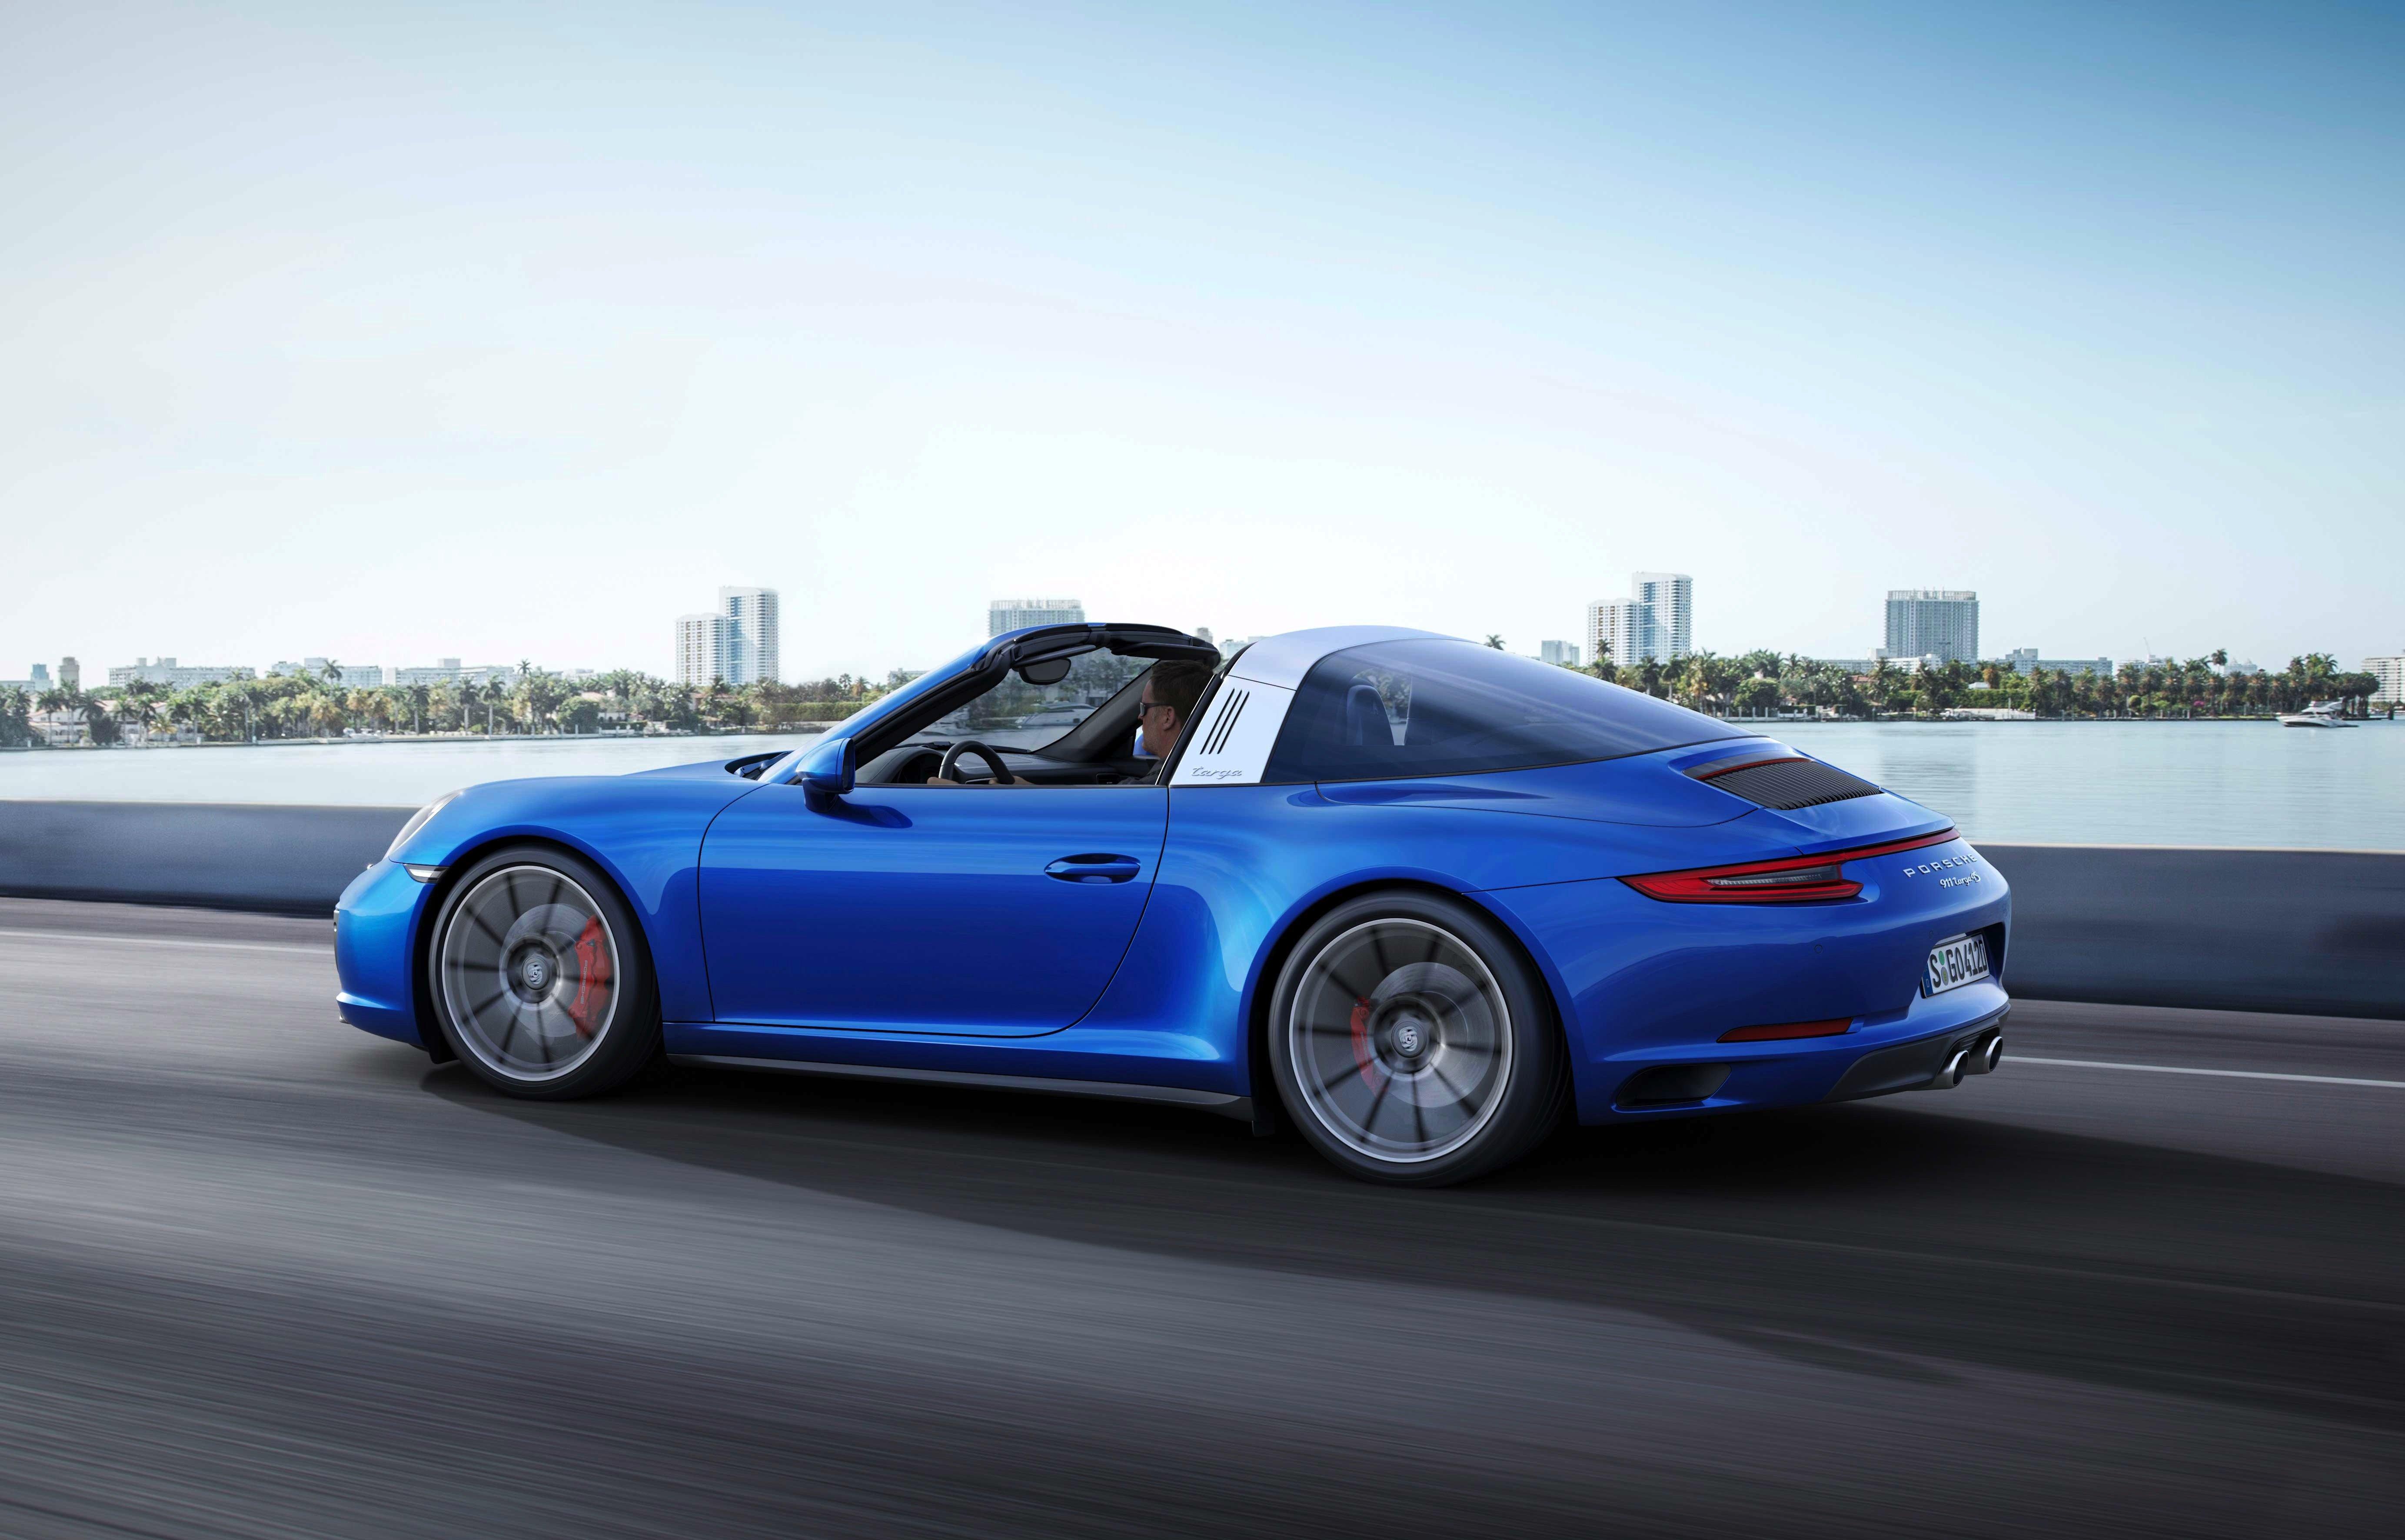 Ein Klassiker: Den Porsche 911 gibt es jetzt als Cabrio Targa 4S.